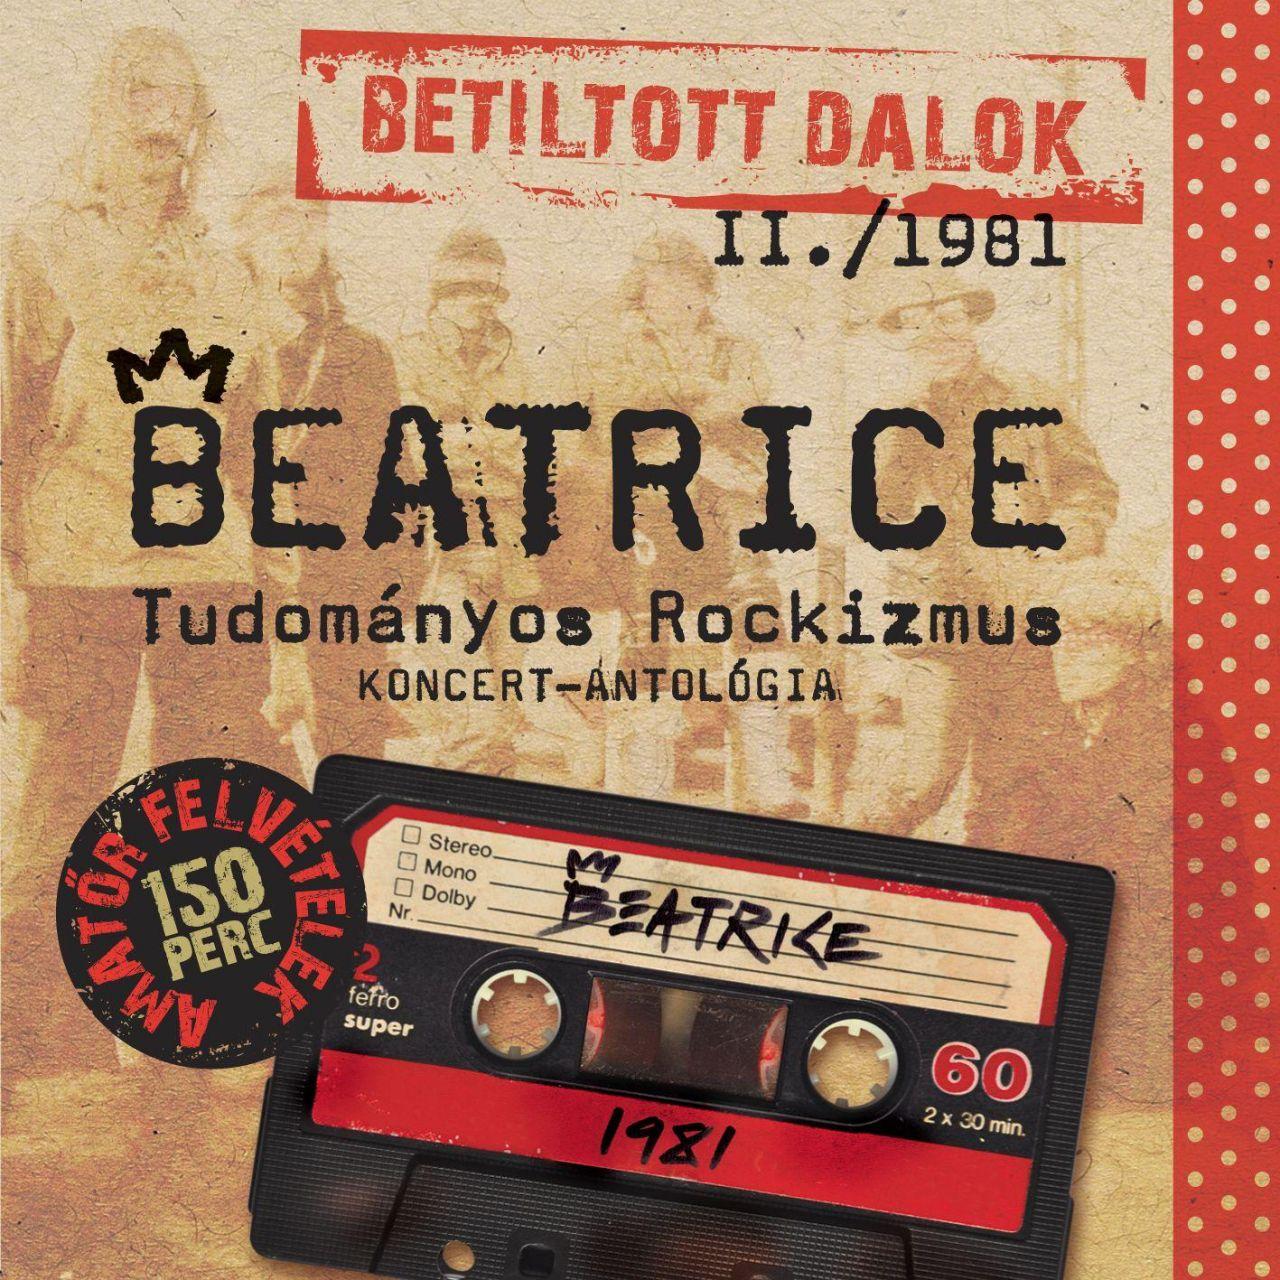 Beatrice: Betiltott dalok II. (2CD)